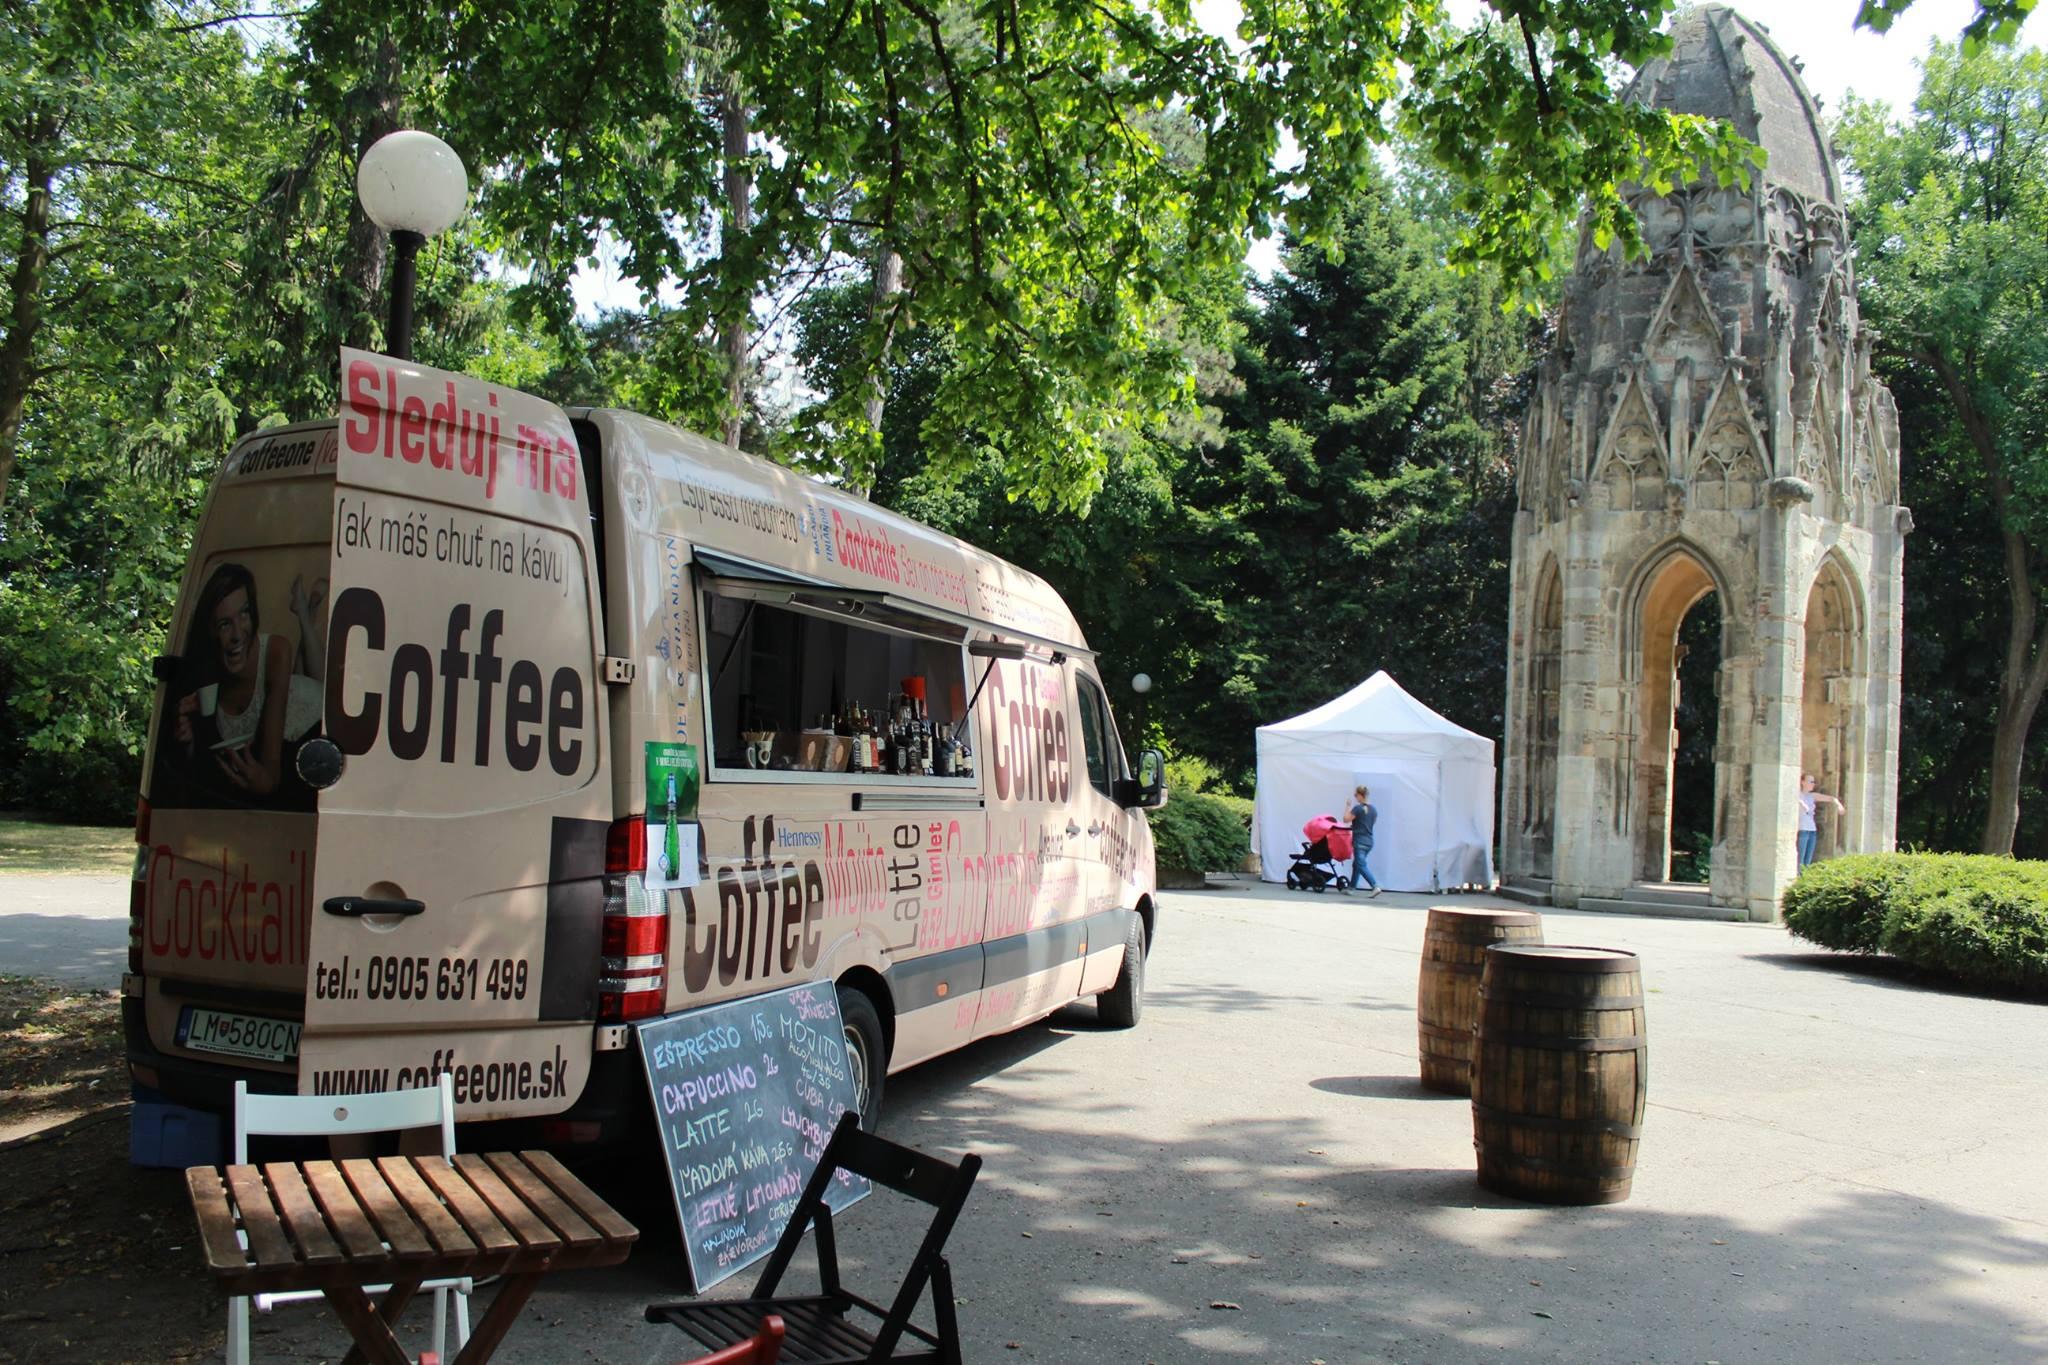 Gurmán Fest Bratislava: Pochutíte si na nápojoch od výmyslu svet, foto: facebook.com/menucka